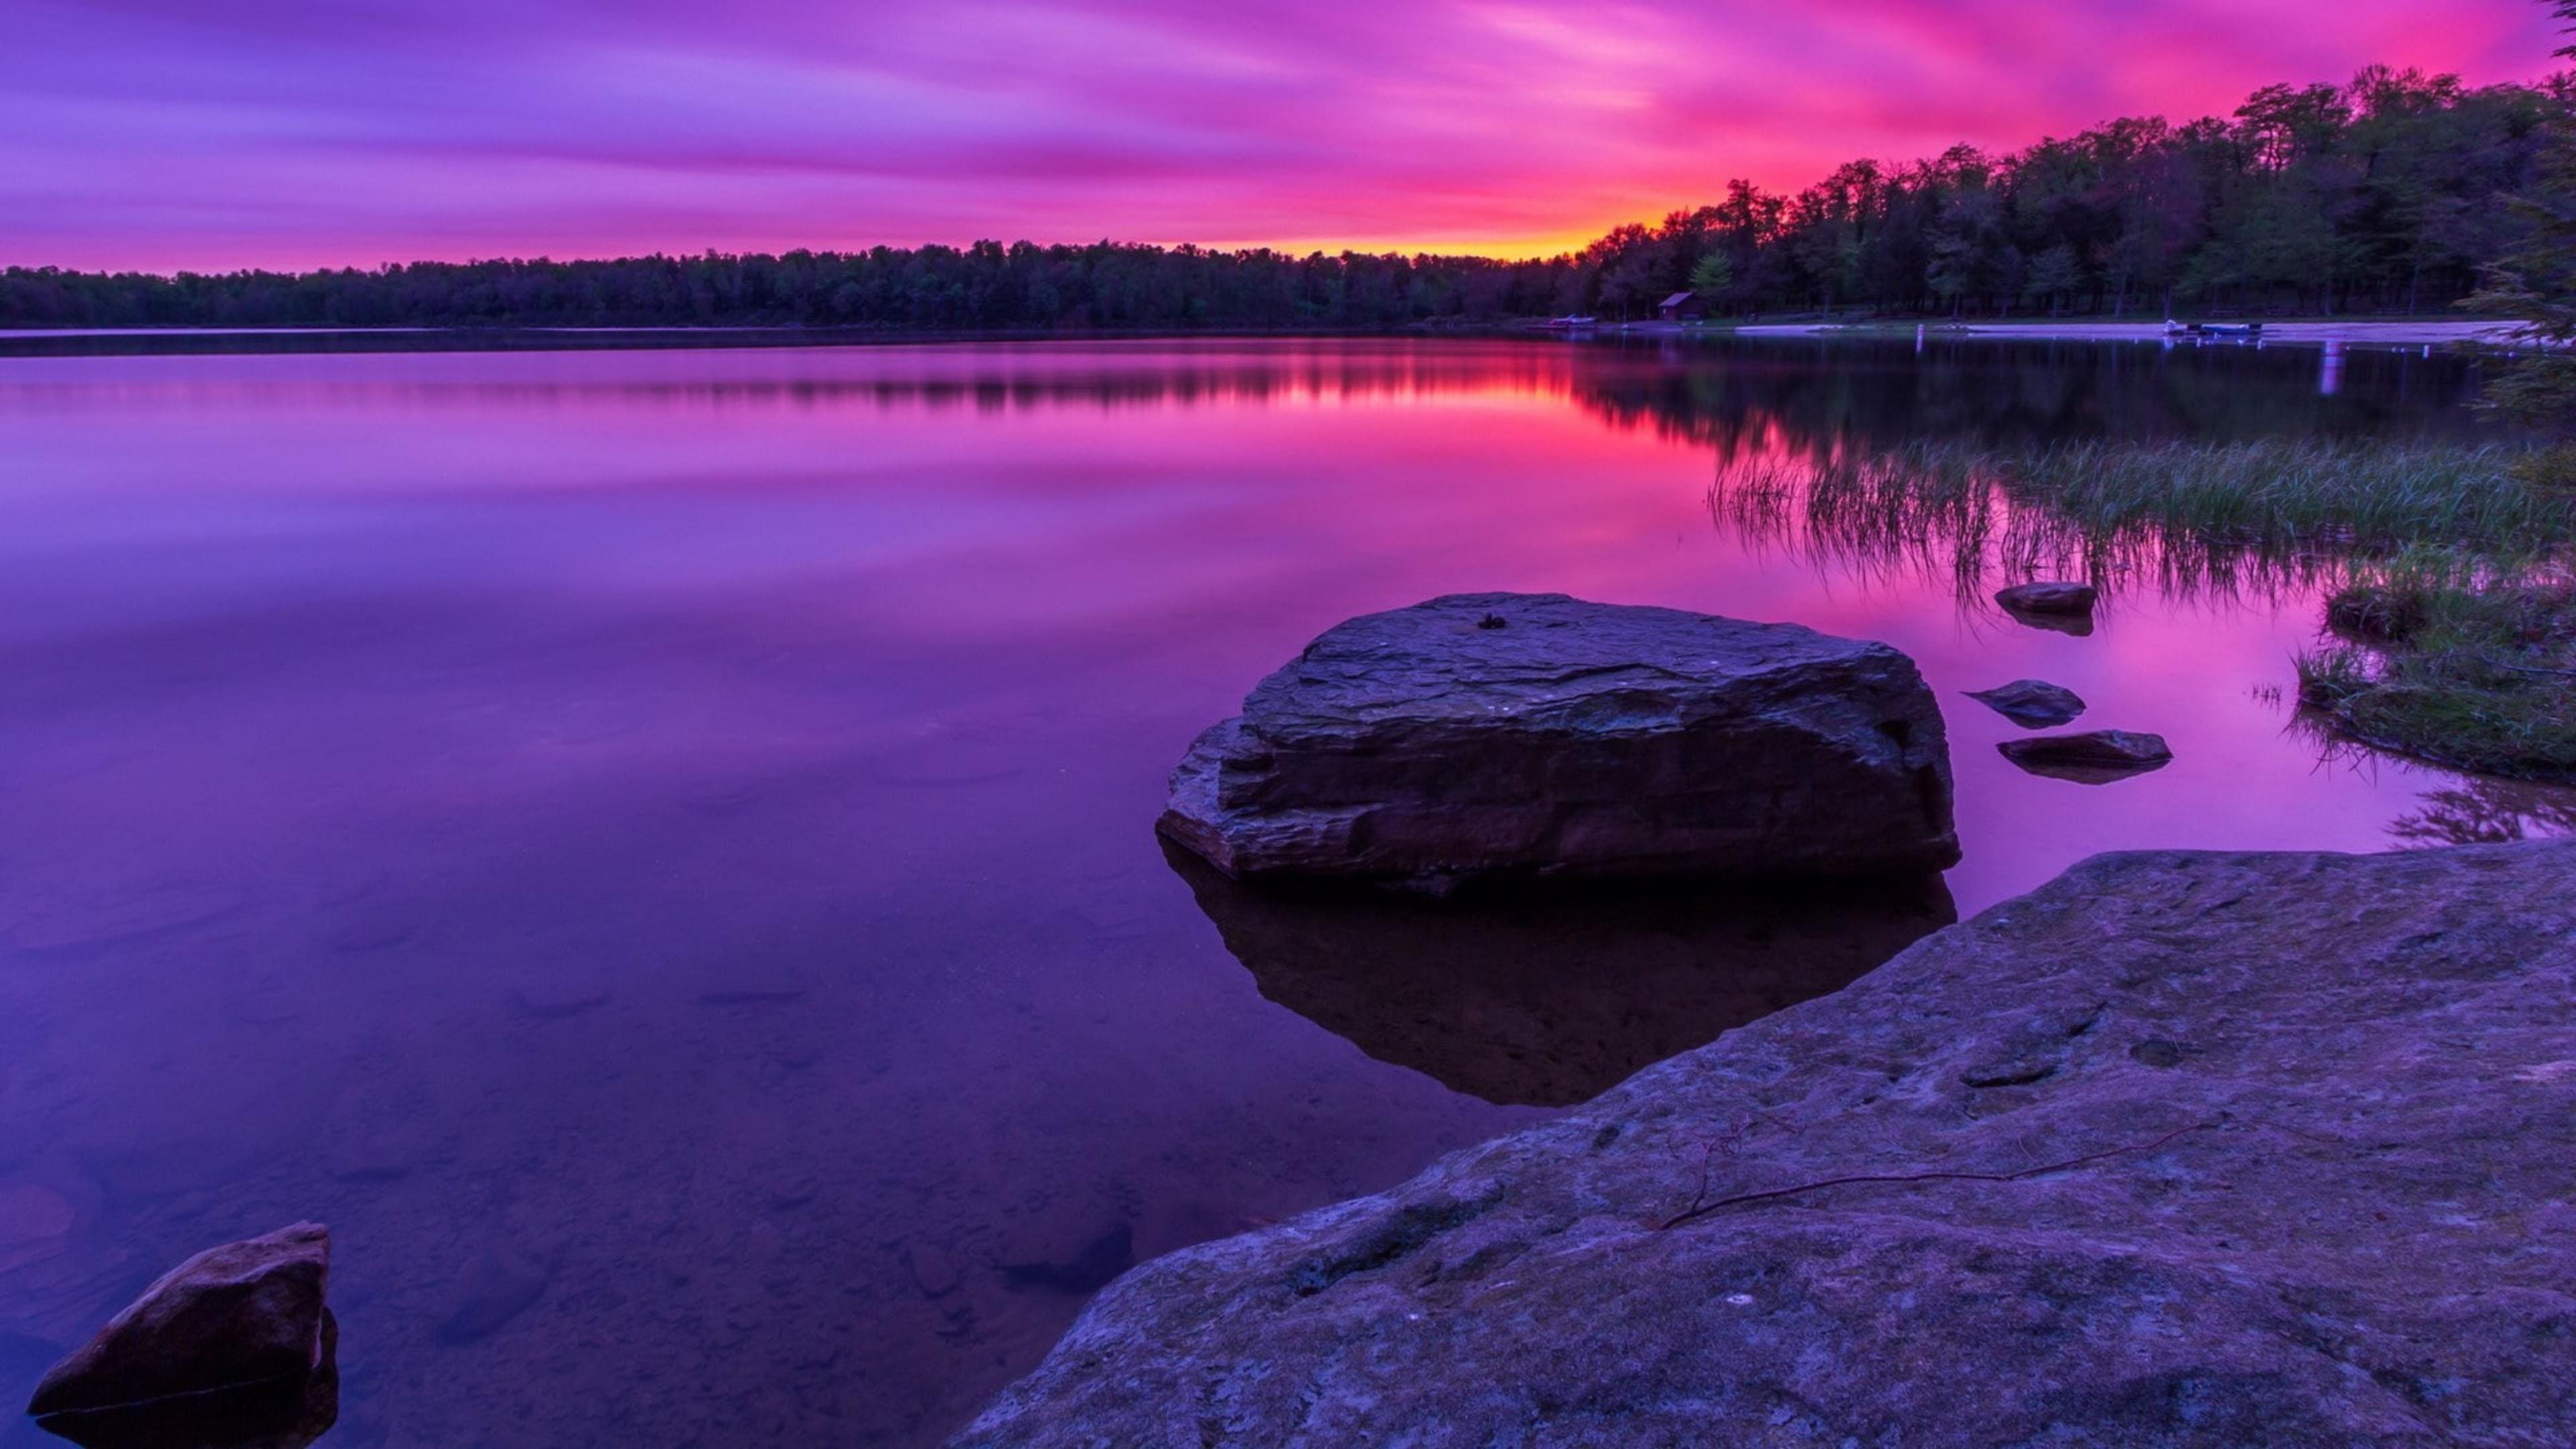 Красивый фиолетовый пейзаж вид с отражением деревьев на водной природе обои скачать